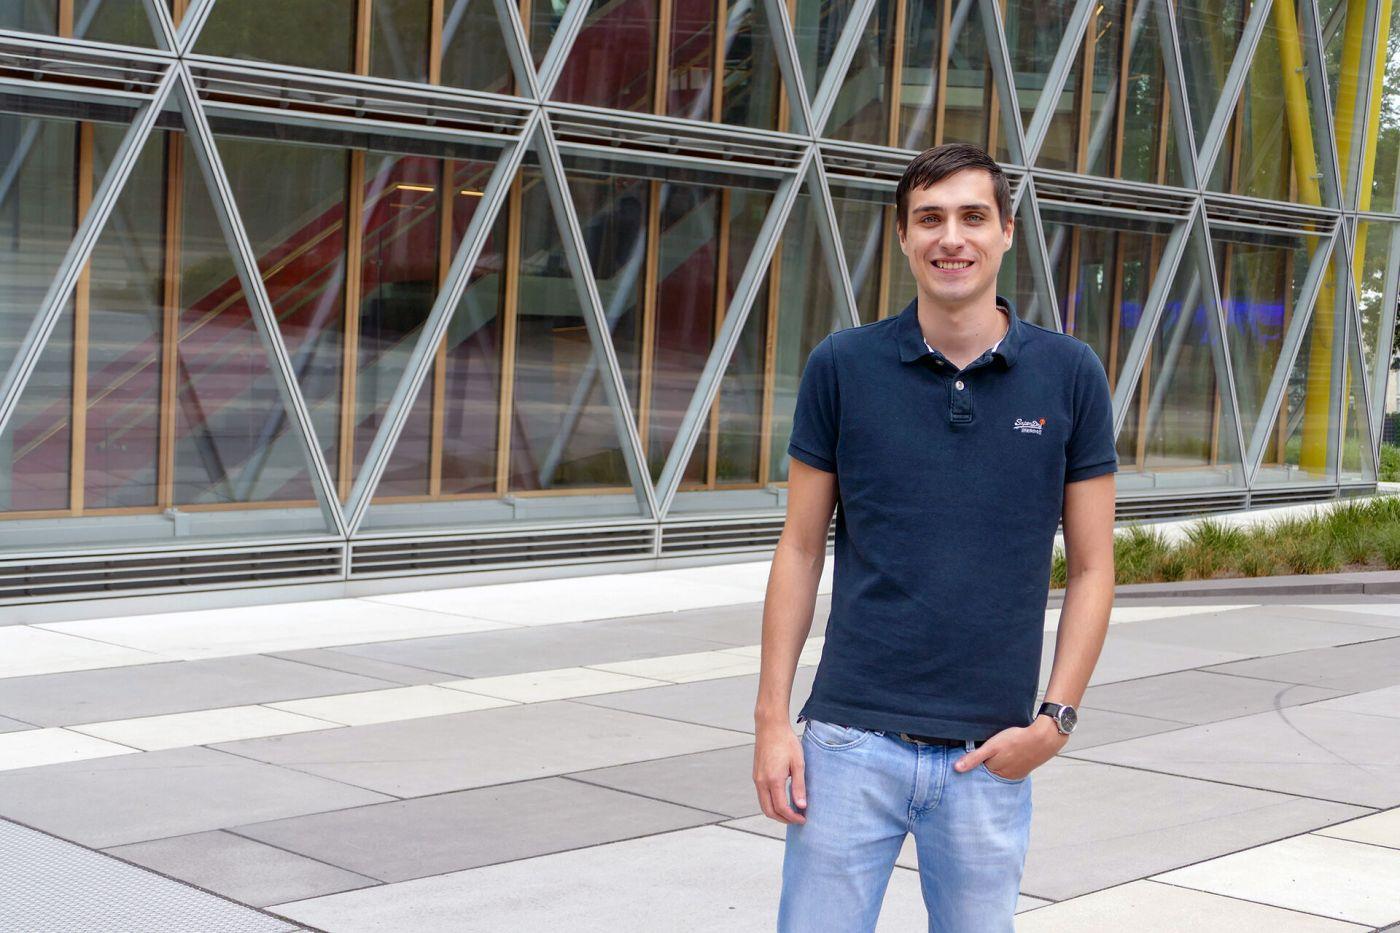 Abschluss mit Auszeichnung: Der Informatikabsolvent Jonas Waldmann wurde mit dem diesjährigen Hochschulpreis der FH Münster ausgezeichnet. In seiner Bachelorarbeit bei der LVM Versicherung entwickelte er eine Verwaltungssoftware für die Kennzeichen von E-Scootern. (Foto: FH Münster/Jana Schiller) (Foto: FH Münster/Jana Schiller )